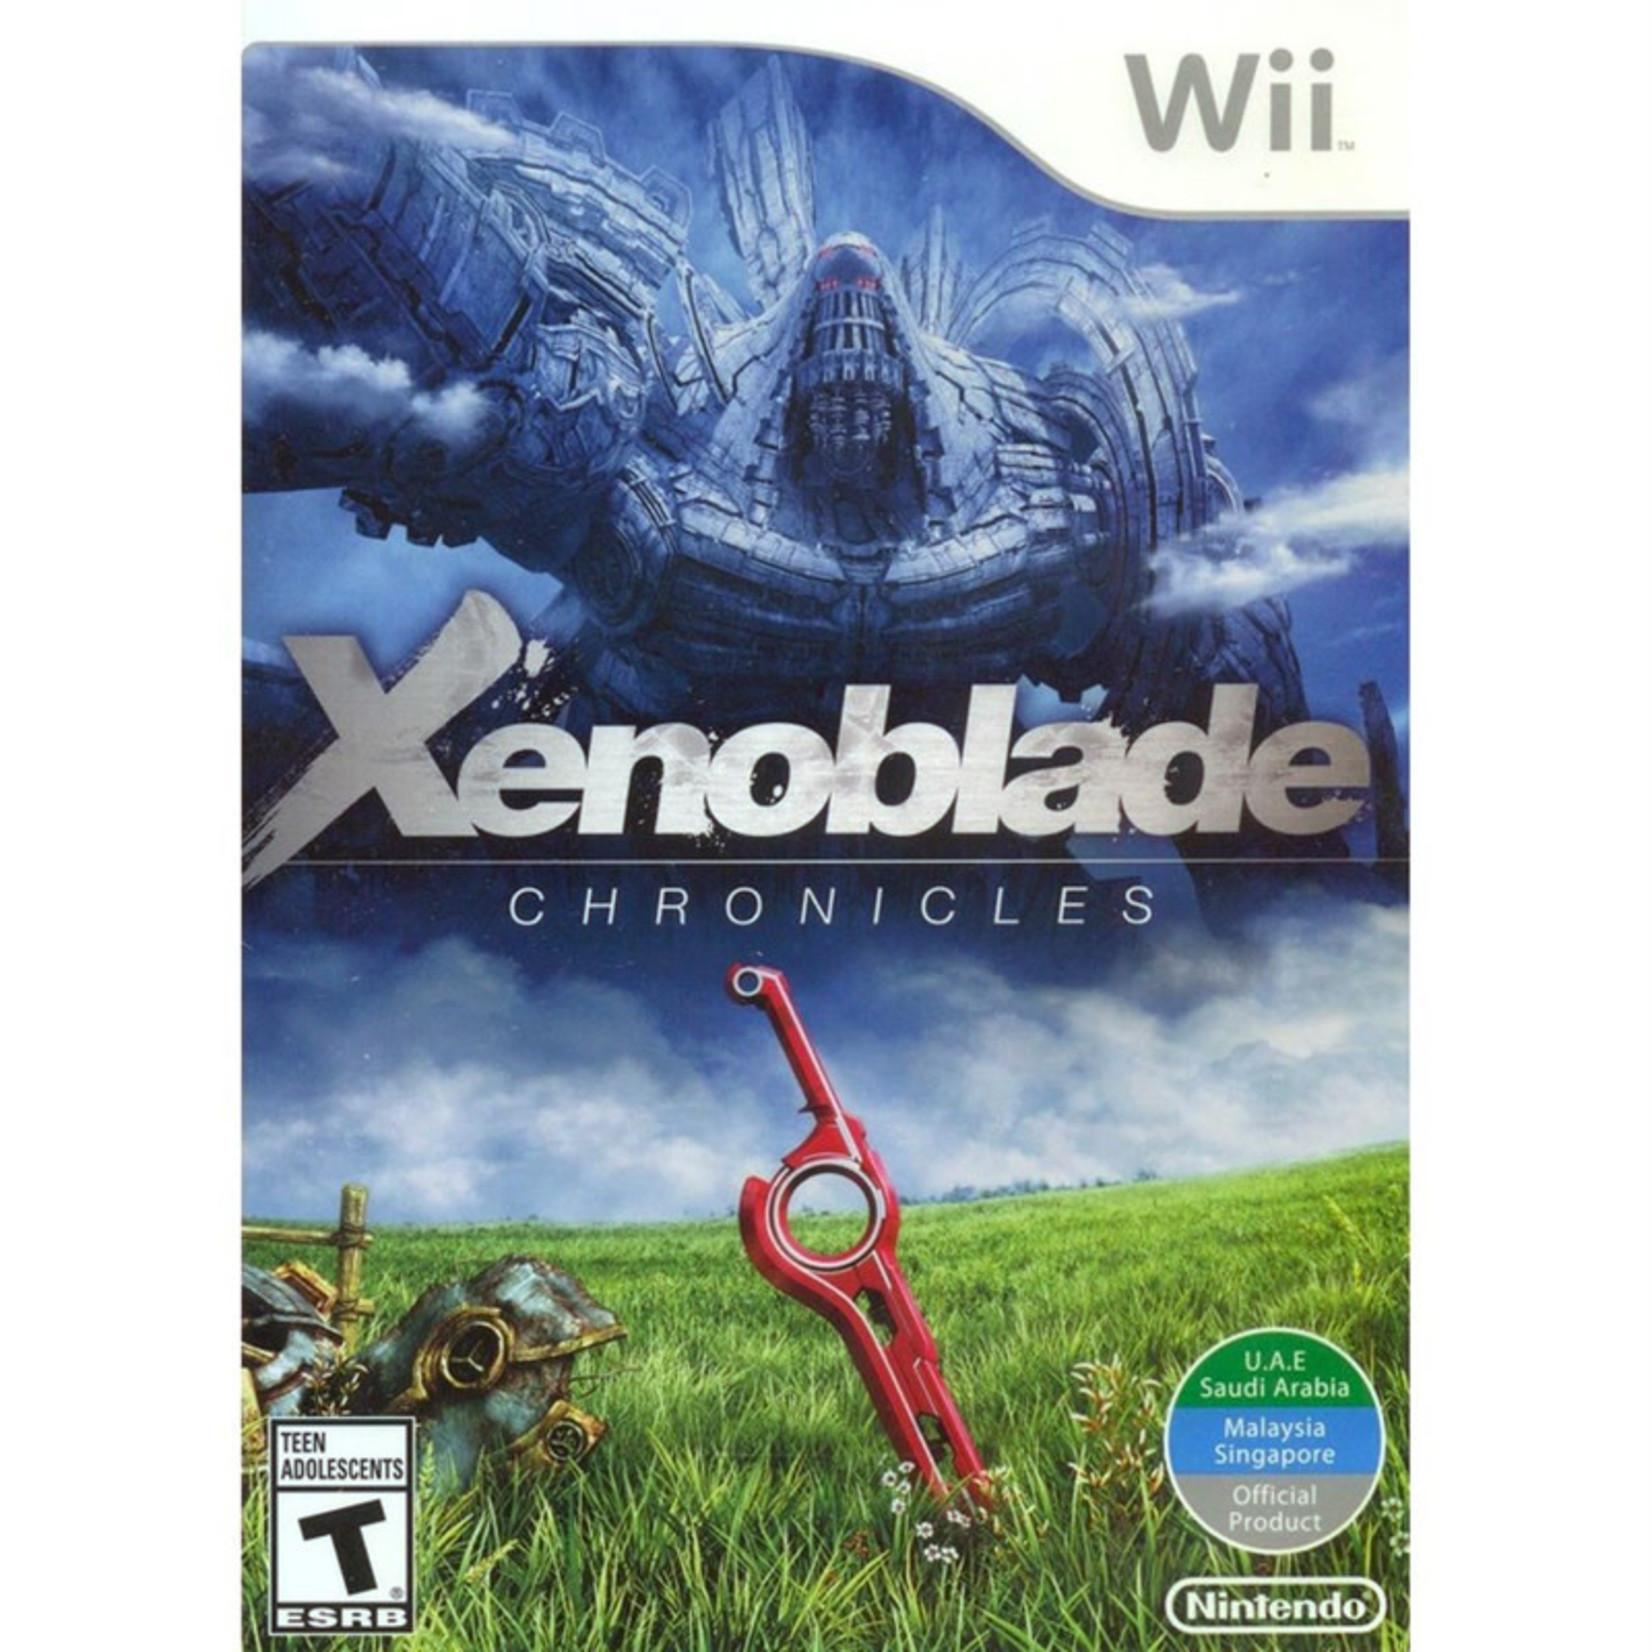 WIIUSD-Xenoblade Chronicles